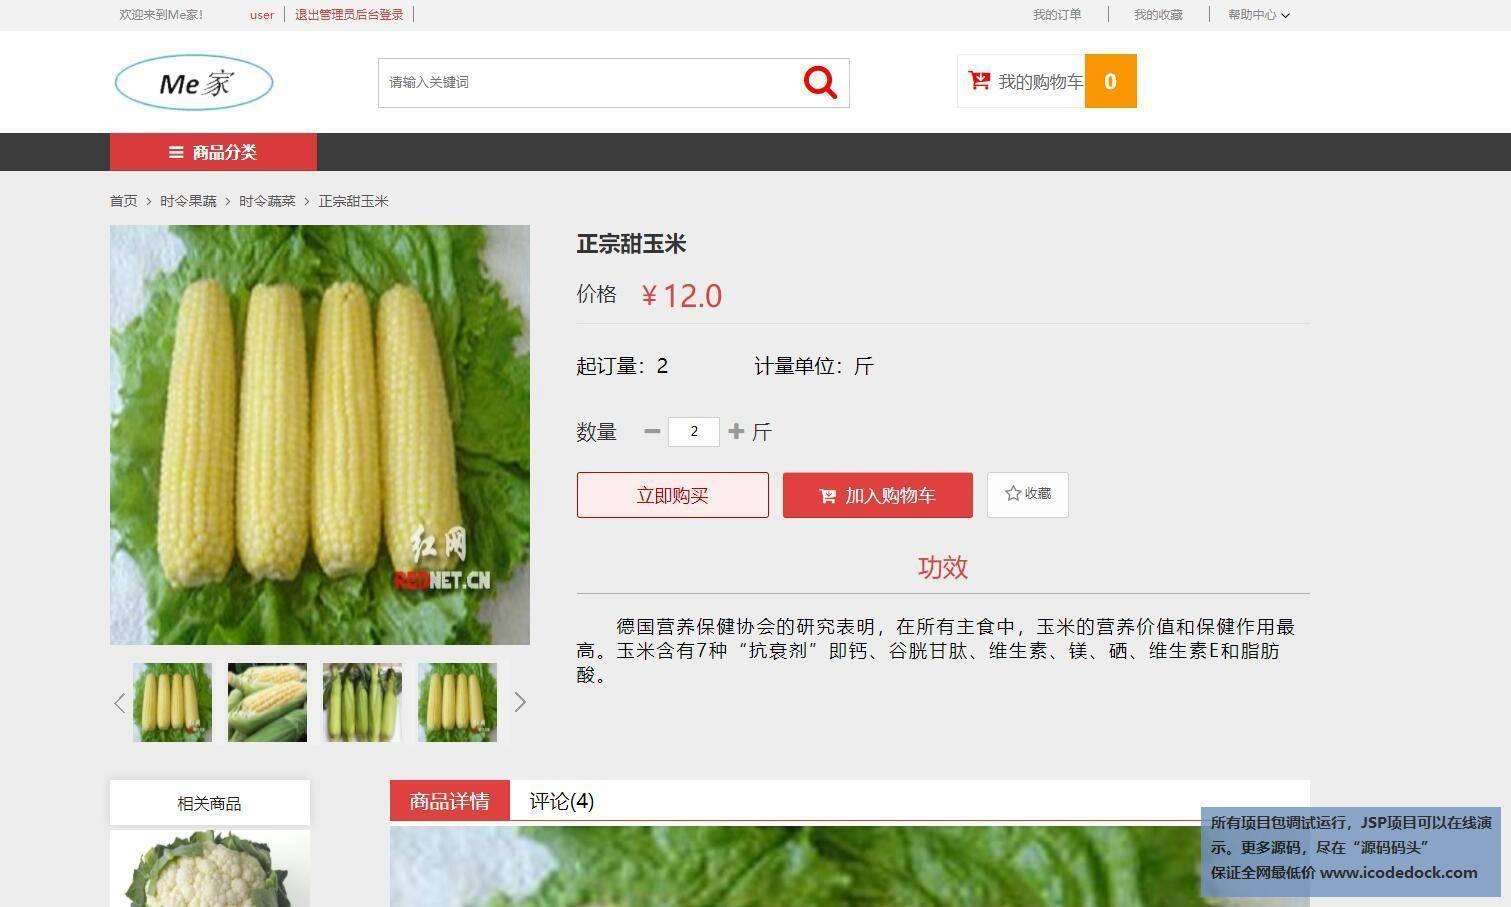 源码码头-SSH网上水果生鲜超市商城管理系统-用户角色-查看生鲜详情